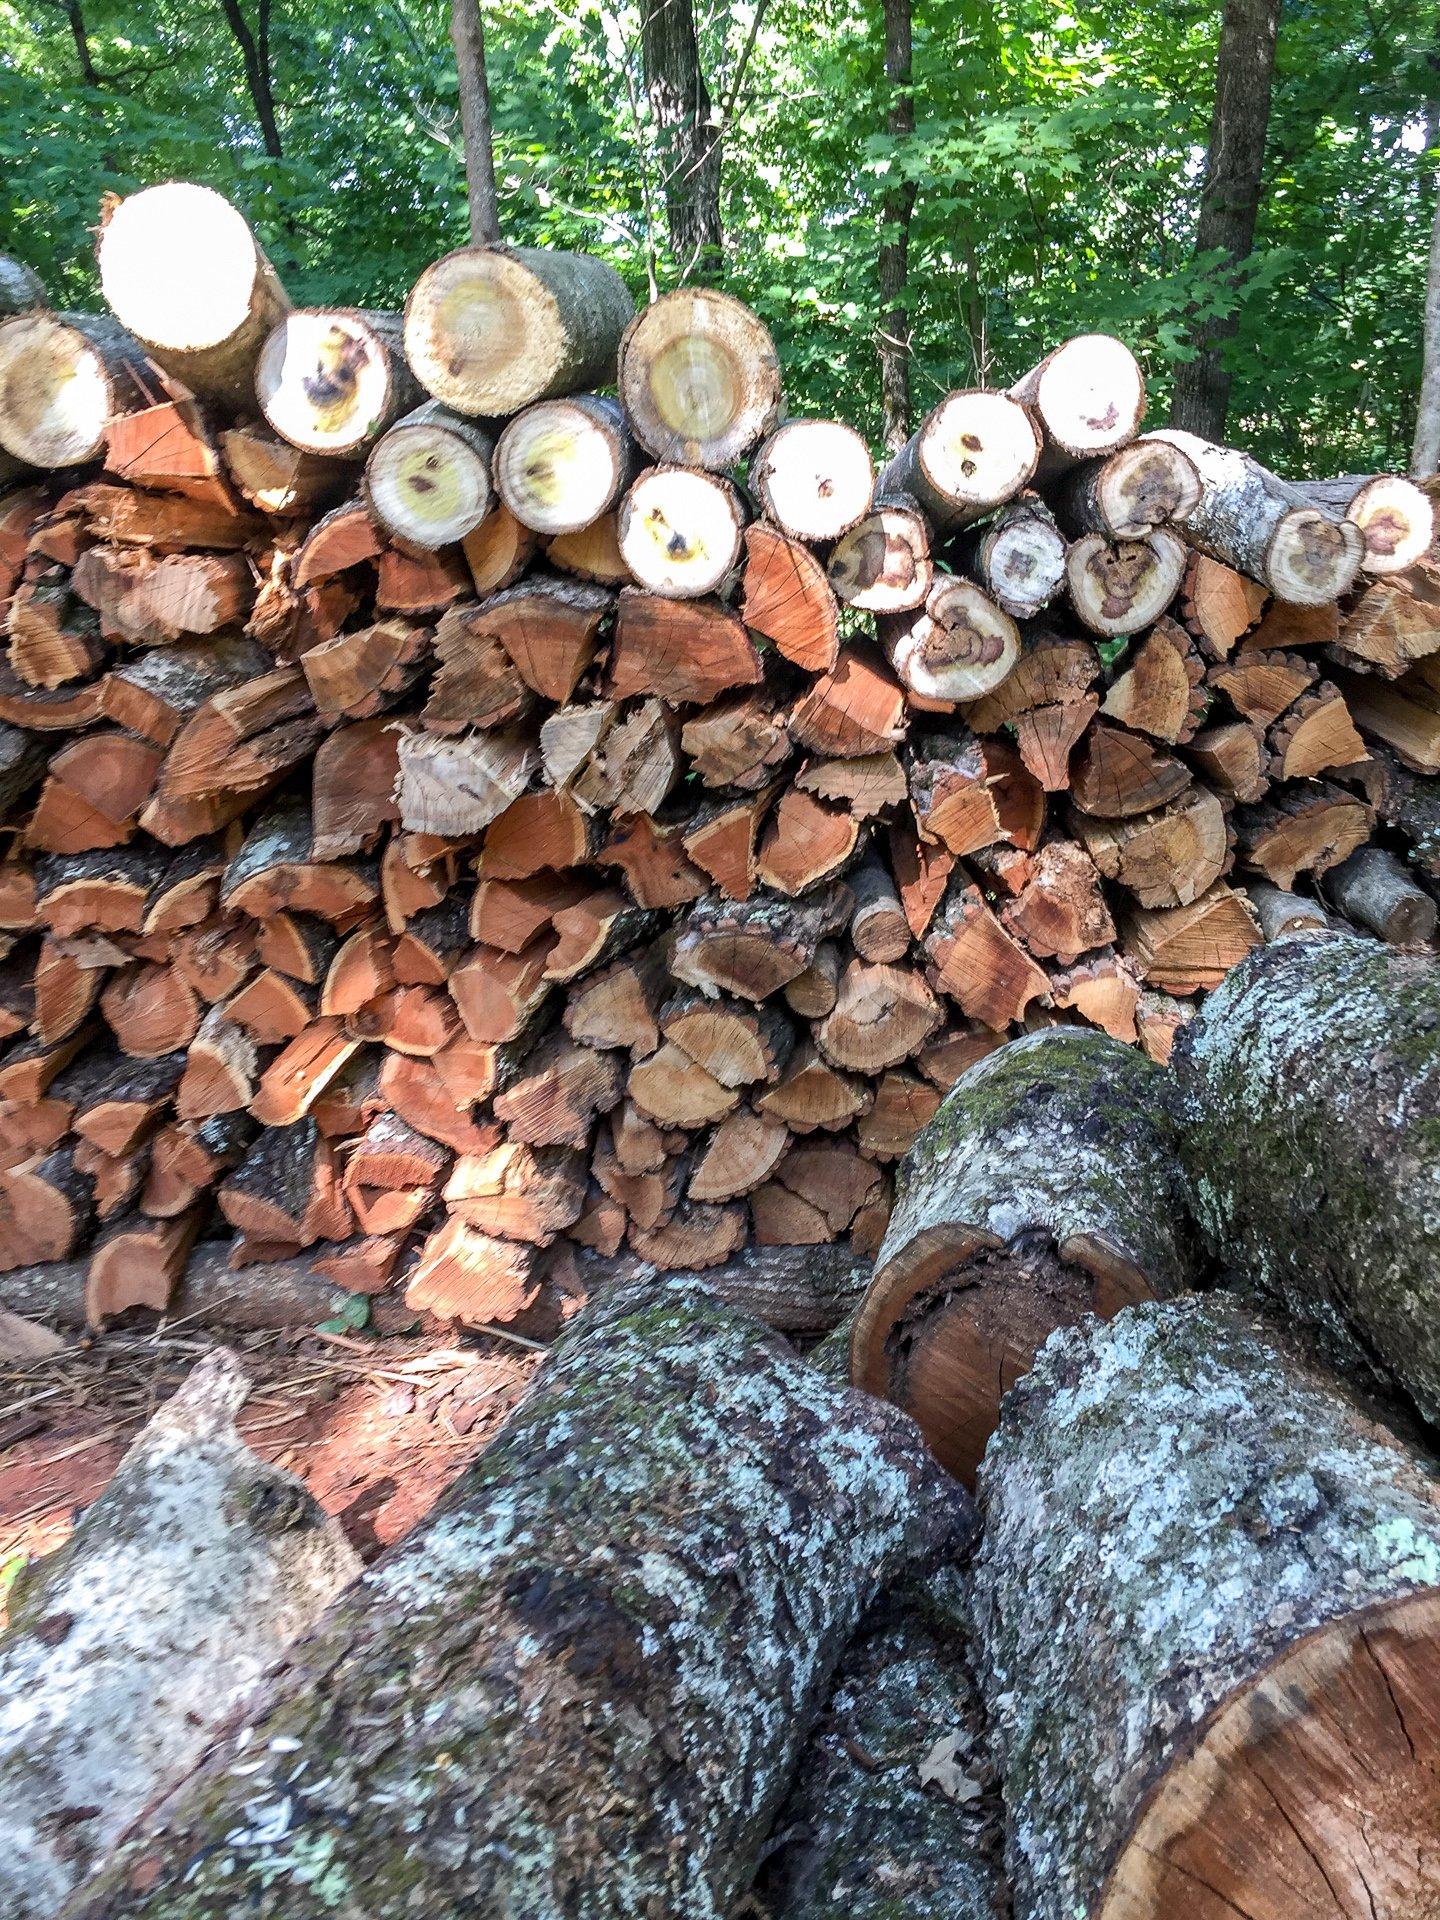 Giant woodpile in TN